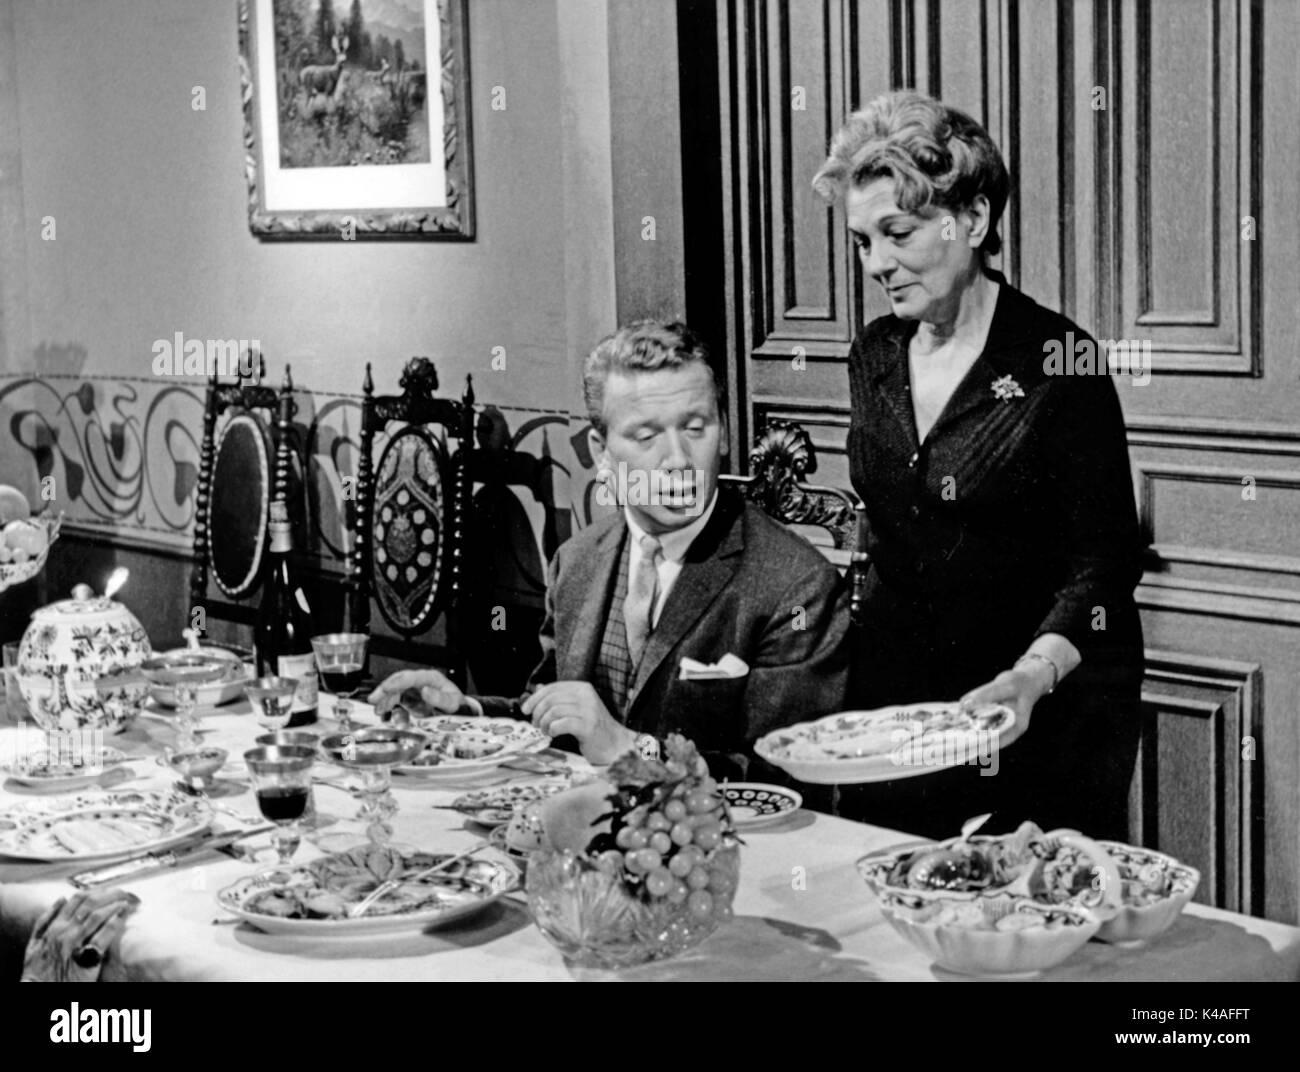 Herrn Walsers Raben, Fernsehfilm, Deutschland 1964, Regie: Dieter Lemmel, Darsteller: Heinz Reincke, Lucie Mannheim - Stock Image